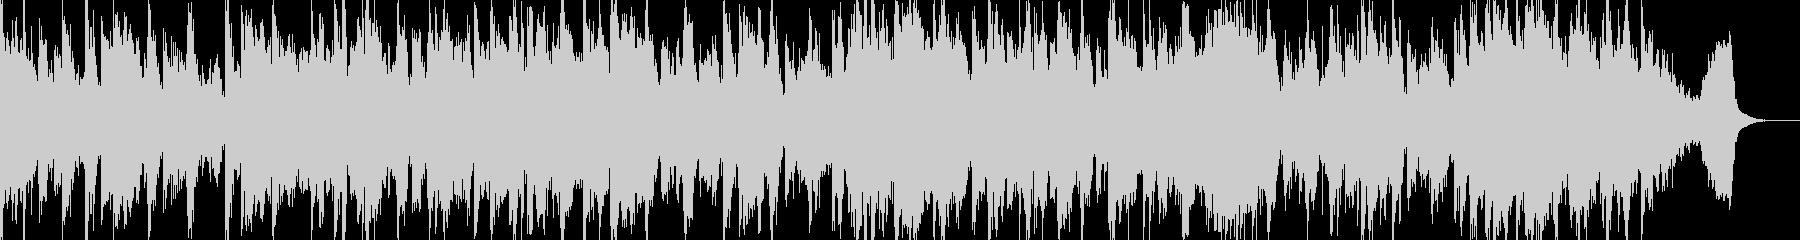 サスペンス、ホラー系にピッタリのBGMの未再生の波形